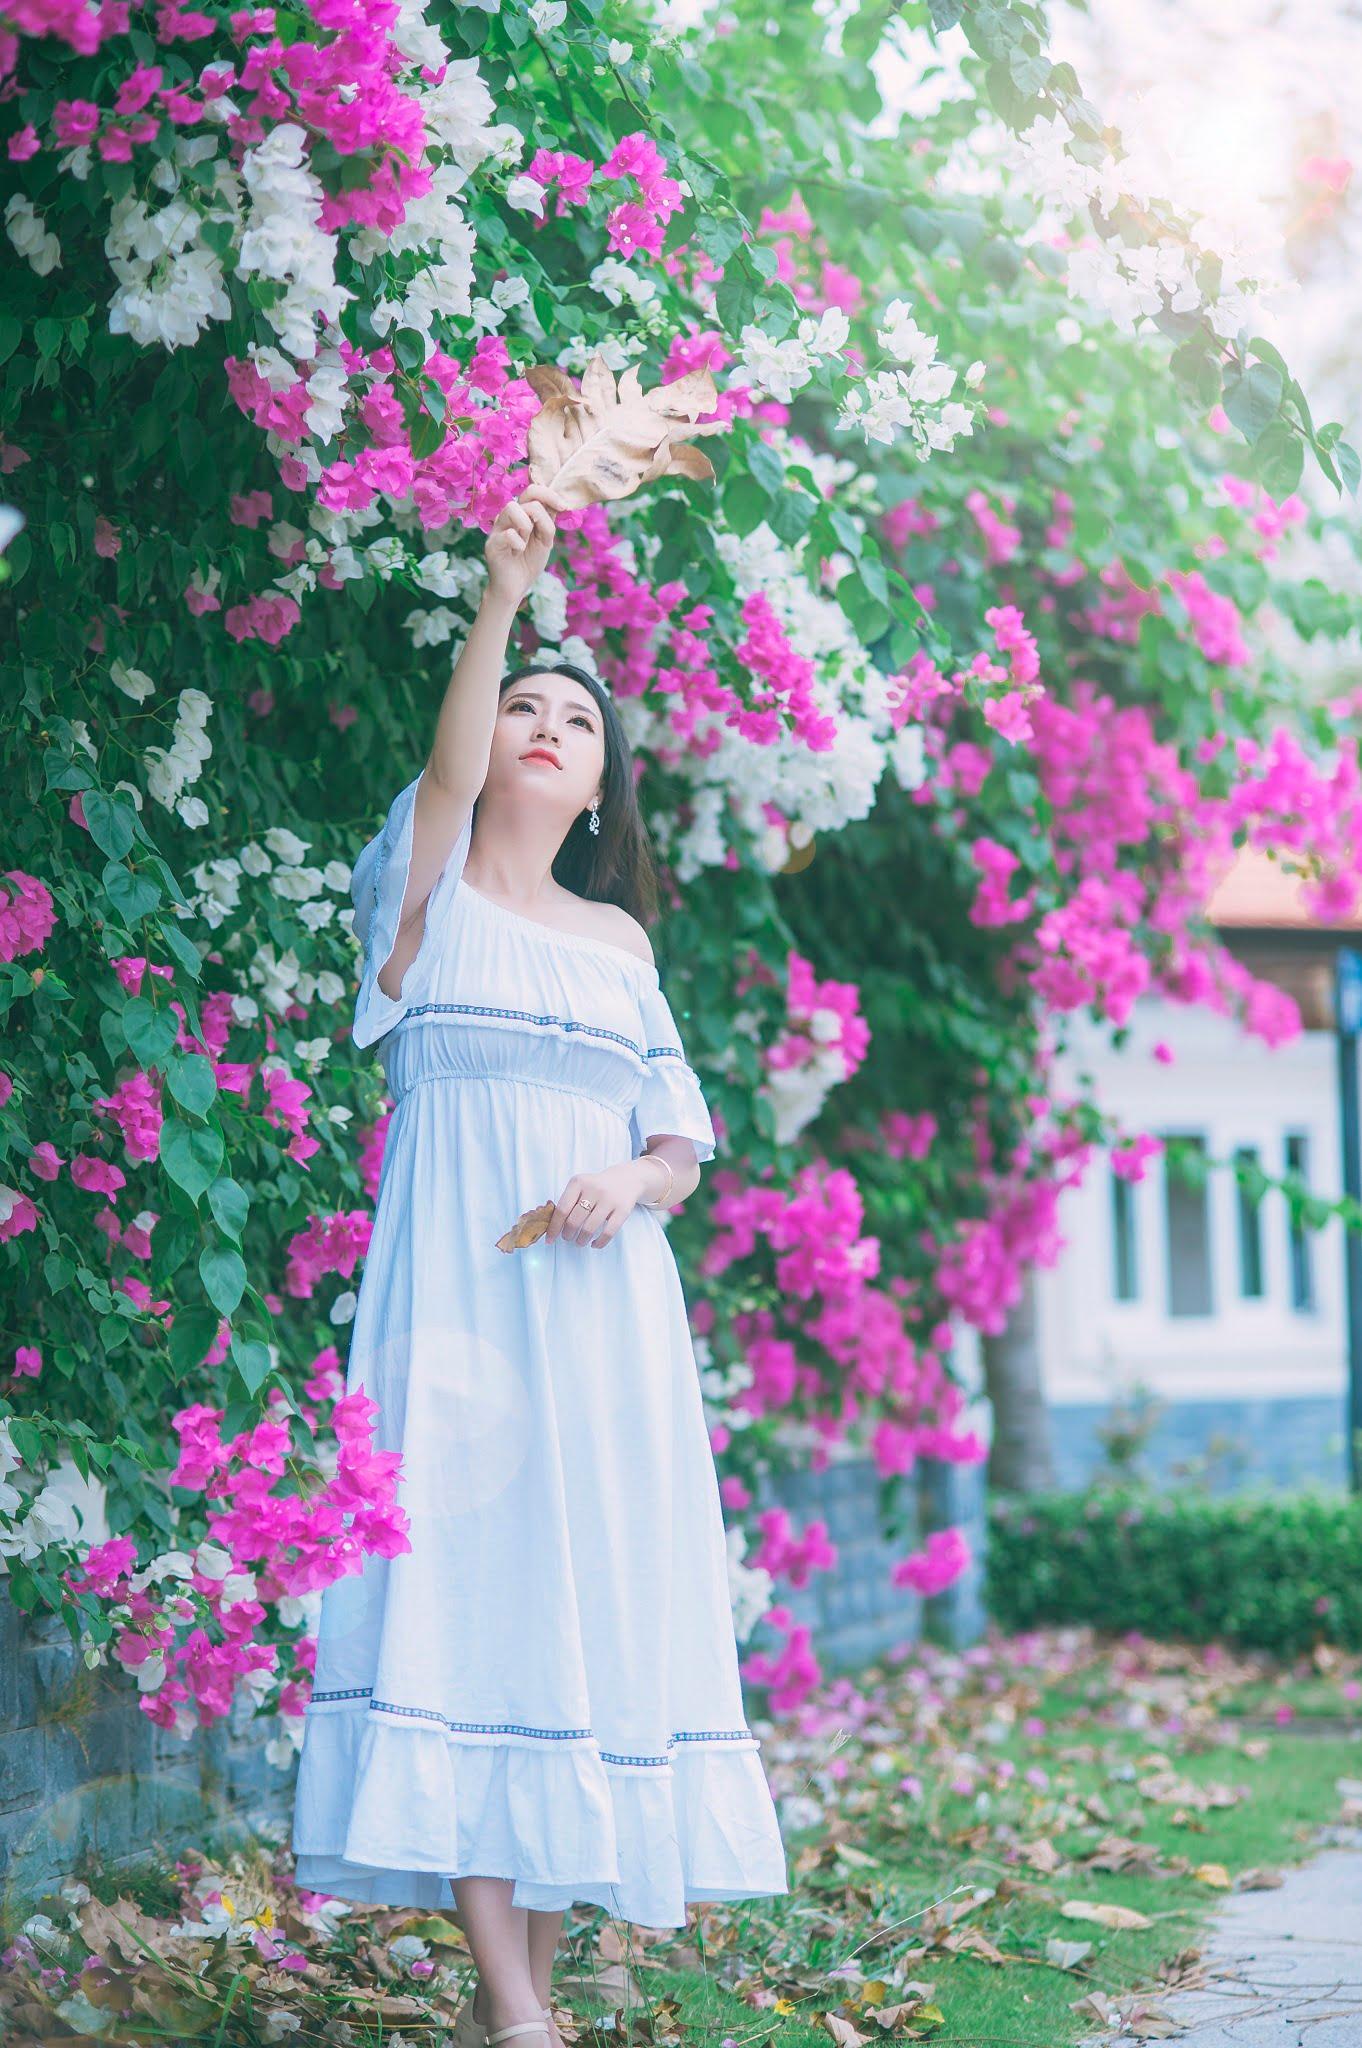 anh chup hoa giay 10 - Ảnh chụp với hoa giấy quận 2 - Huỳnh Như